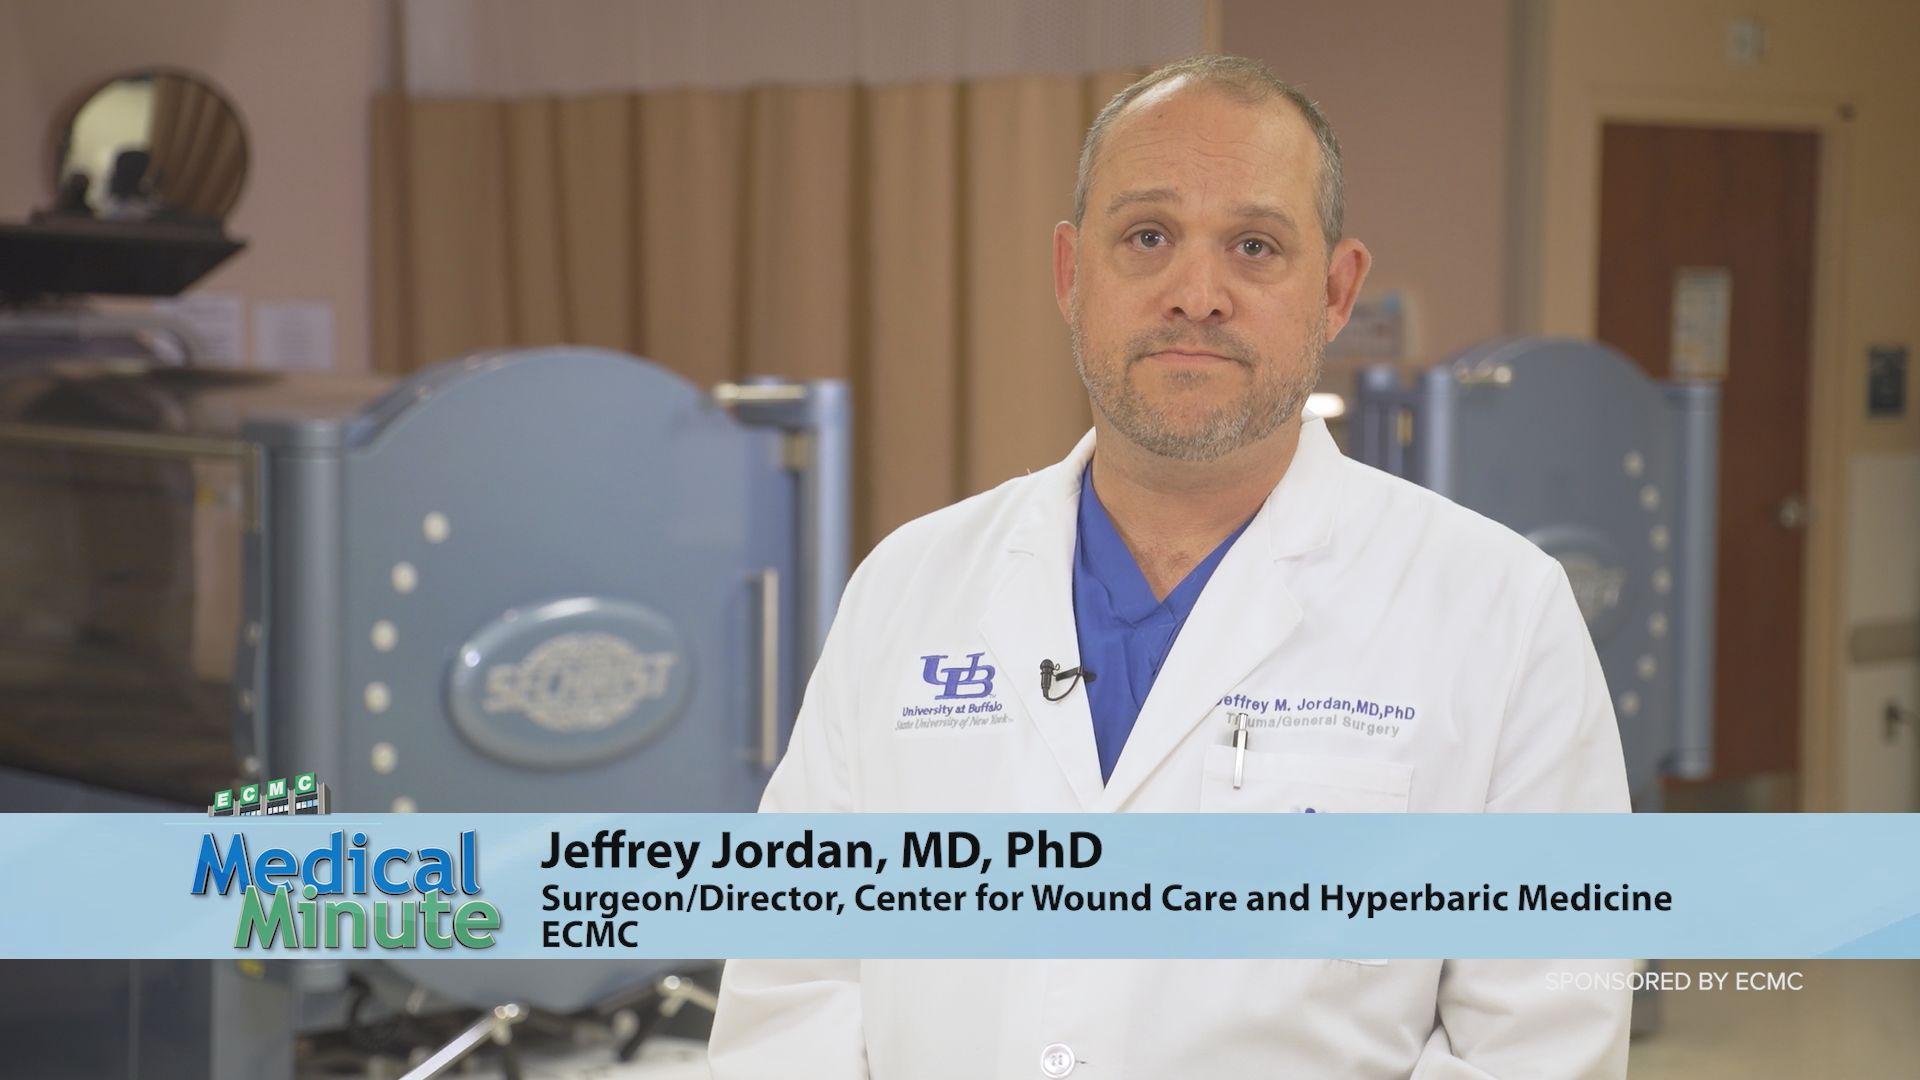 ECMC - Medical Minute Dr. Jefferey Jordan - Wound Care Awareness 06:07:2021